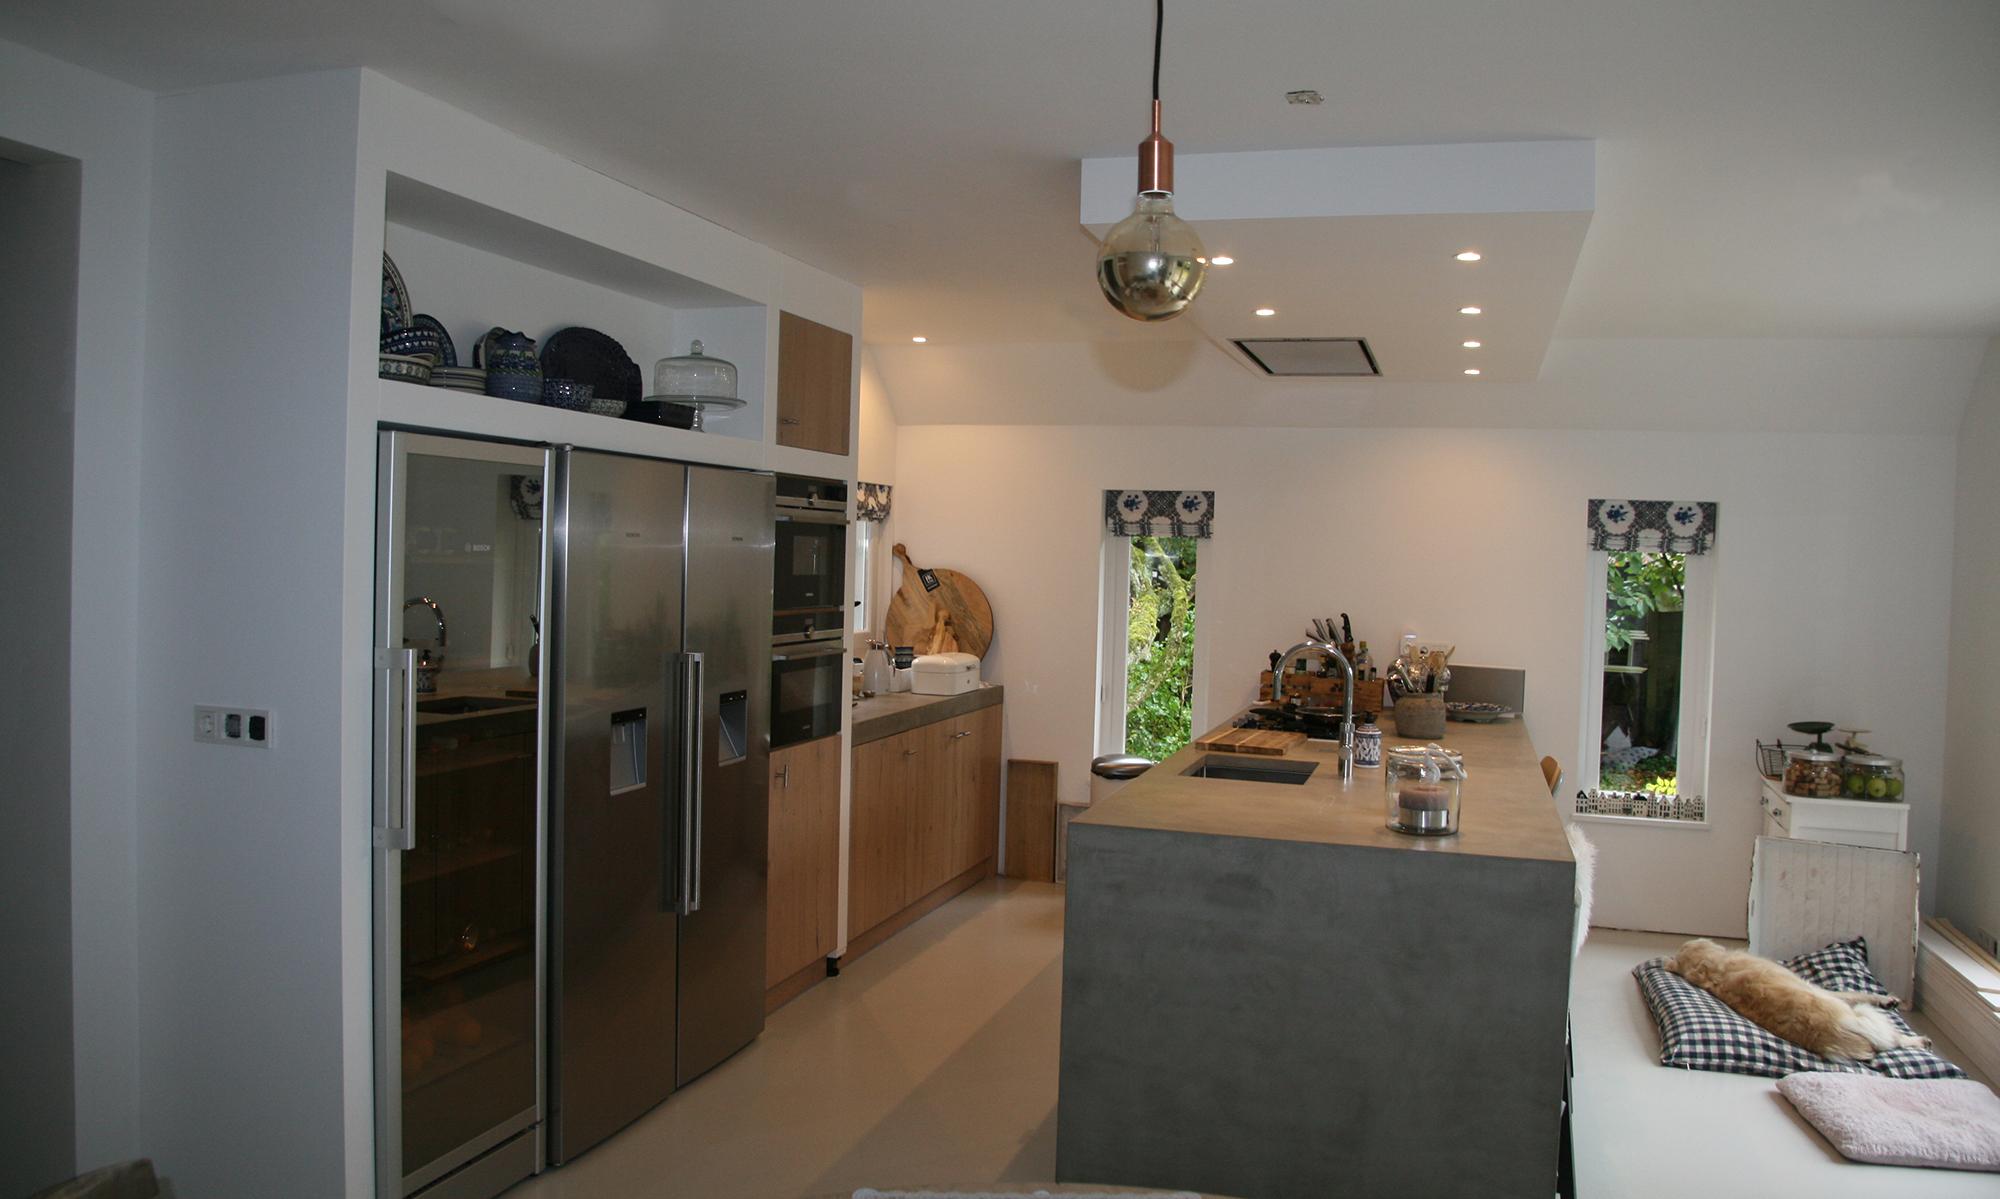 Keuken schouten groot